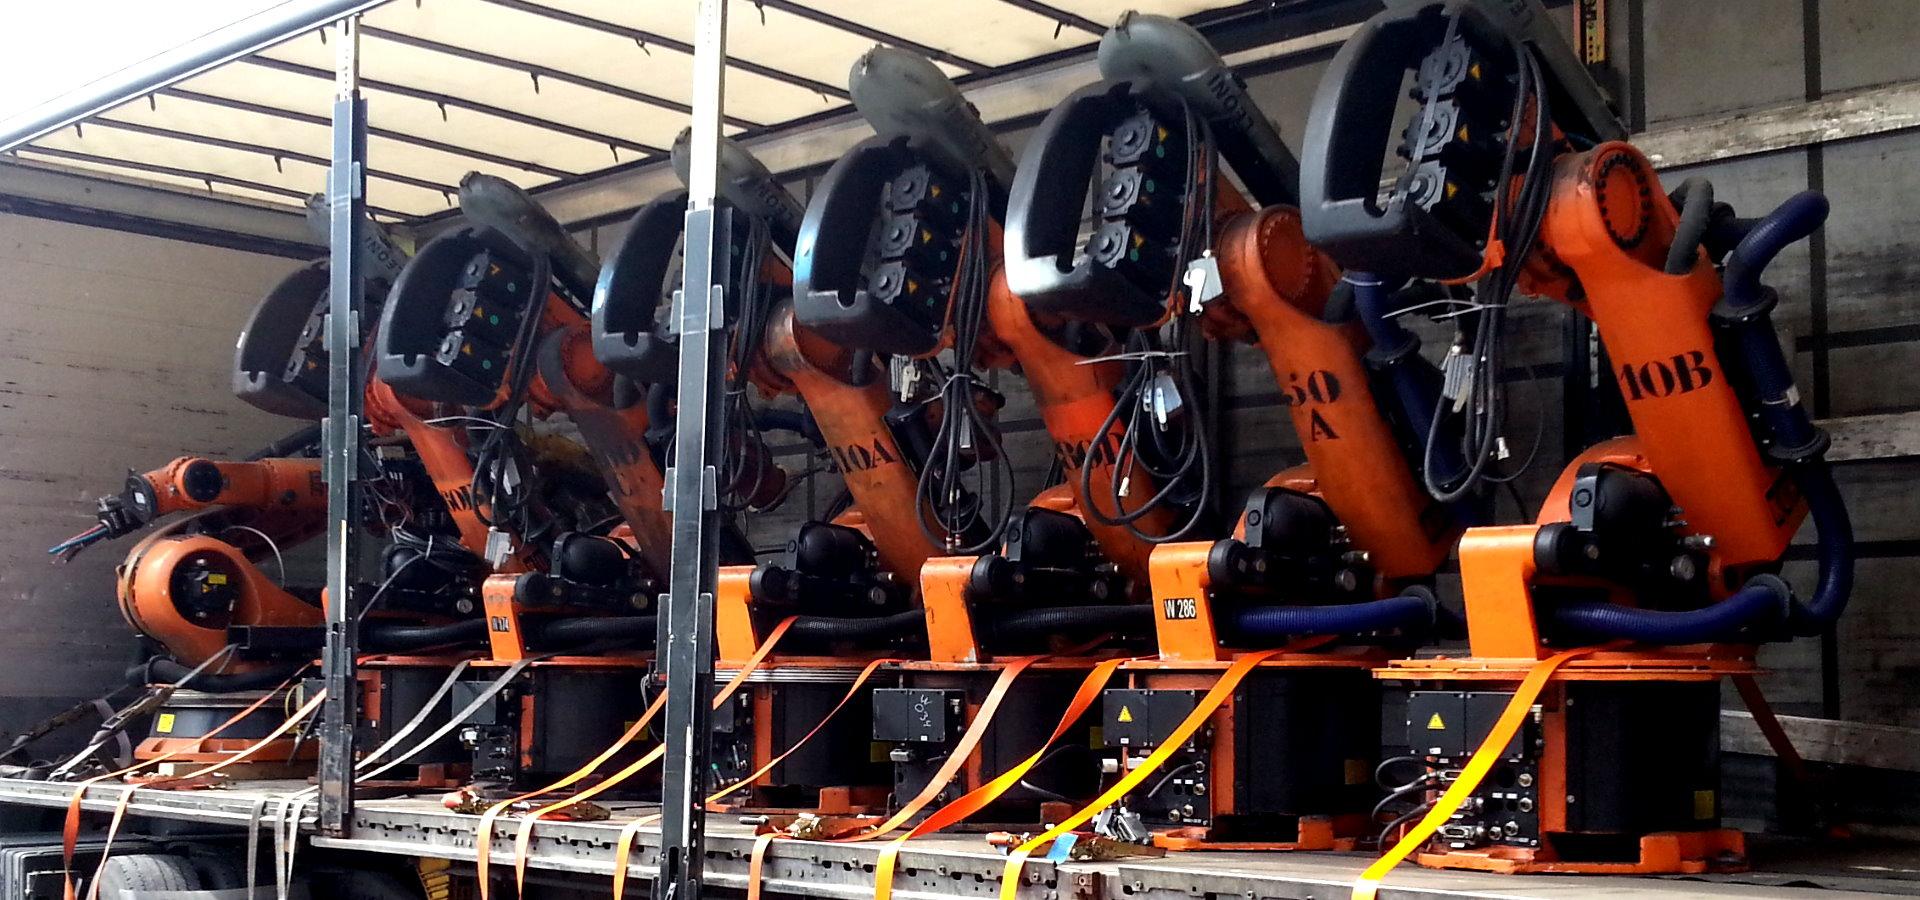 Anlagenvermarktung & Maschinenhandel